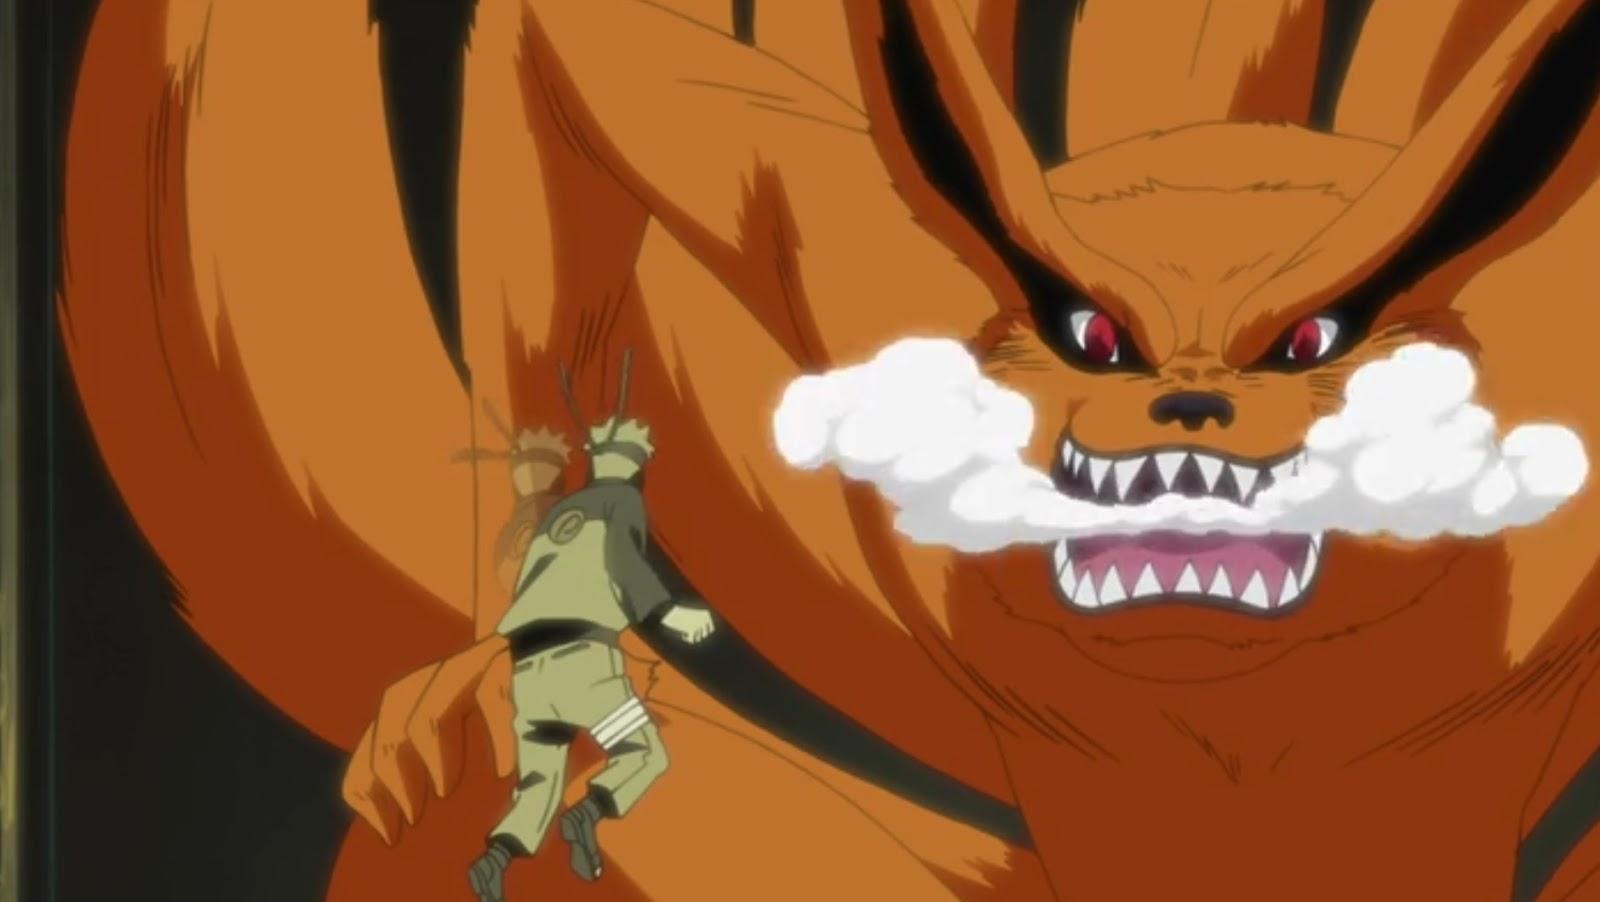 Naruto Shippuden Episódio 245, Assistir Naruto Shippuden Episódio 245, Assistir Naruto Shippuden Todos os Episódios Legendado, Naruto Shippuden episódio 245,HD